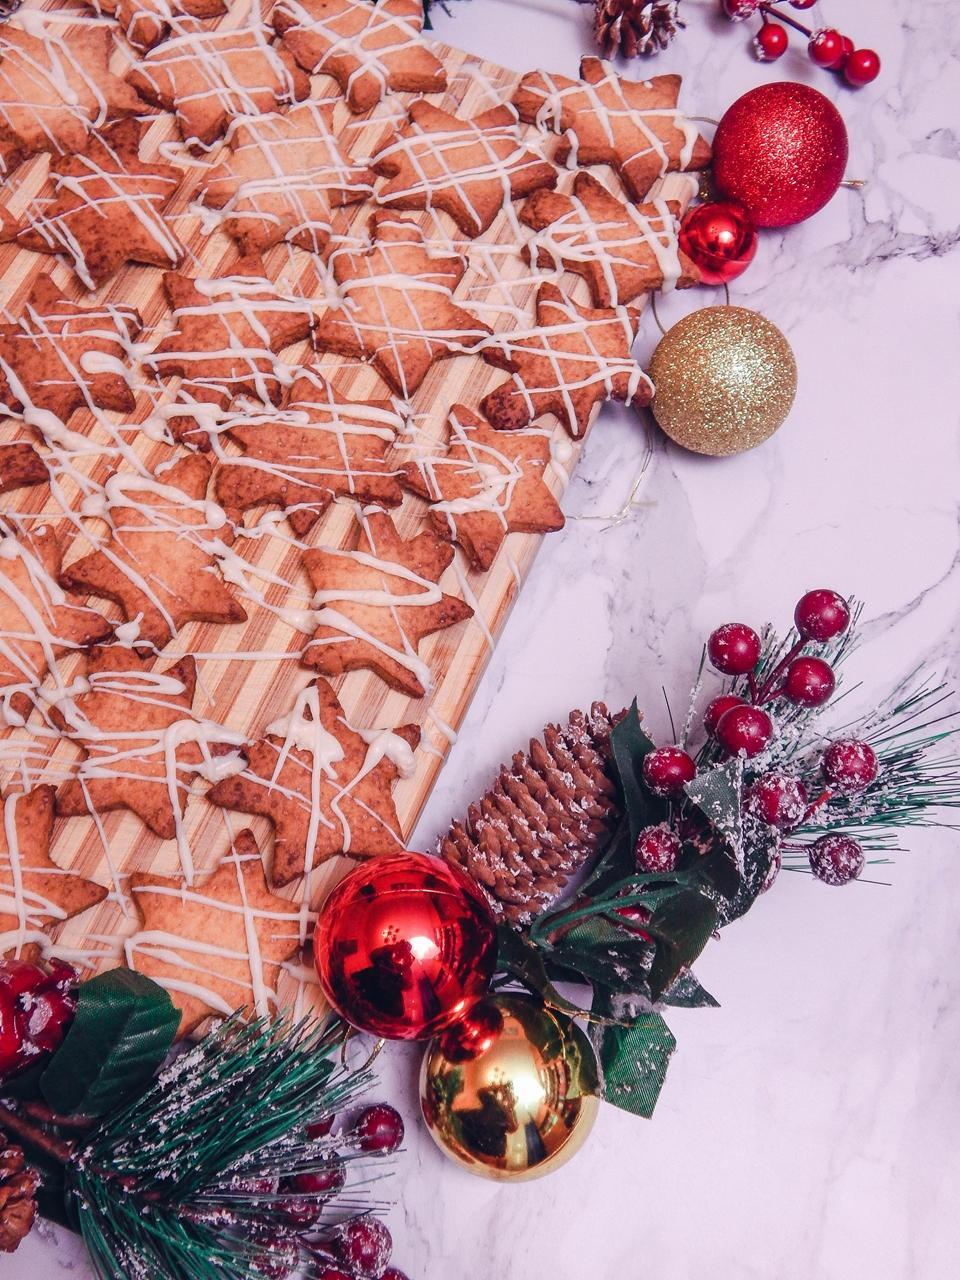 2 Pierniczki inaczej, prosty szybki, łatwy przepis na pierniki ciastka kruche, świąteczne ciastka, ciastka na choinkę jak zrobić pierniki ciastka gwiazdki, blog kulinarny łódź, lifestyle melodylaniella